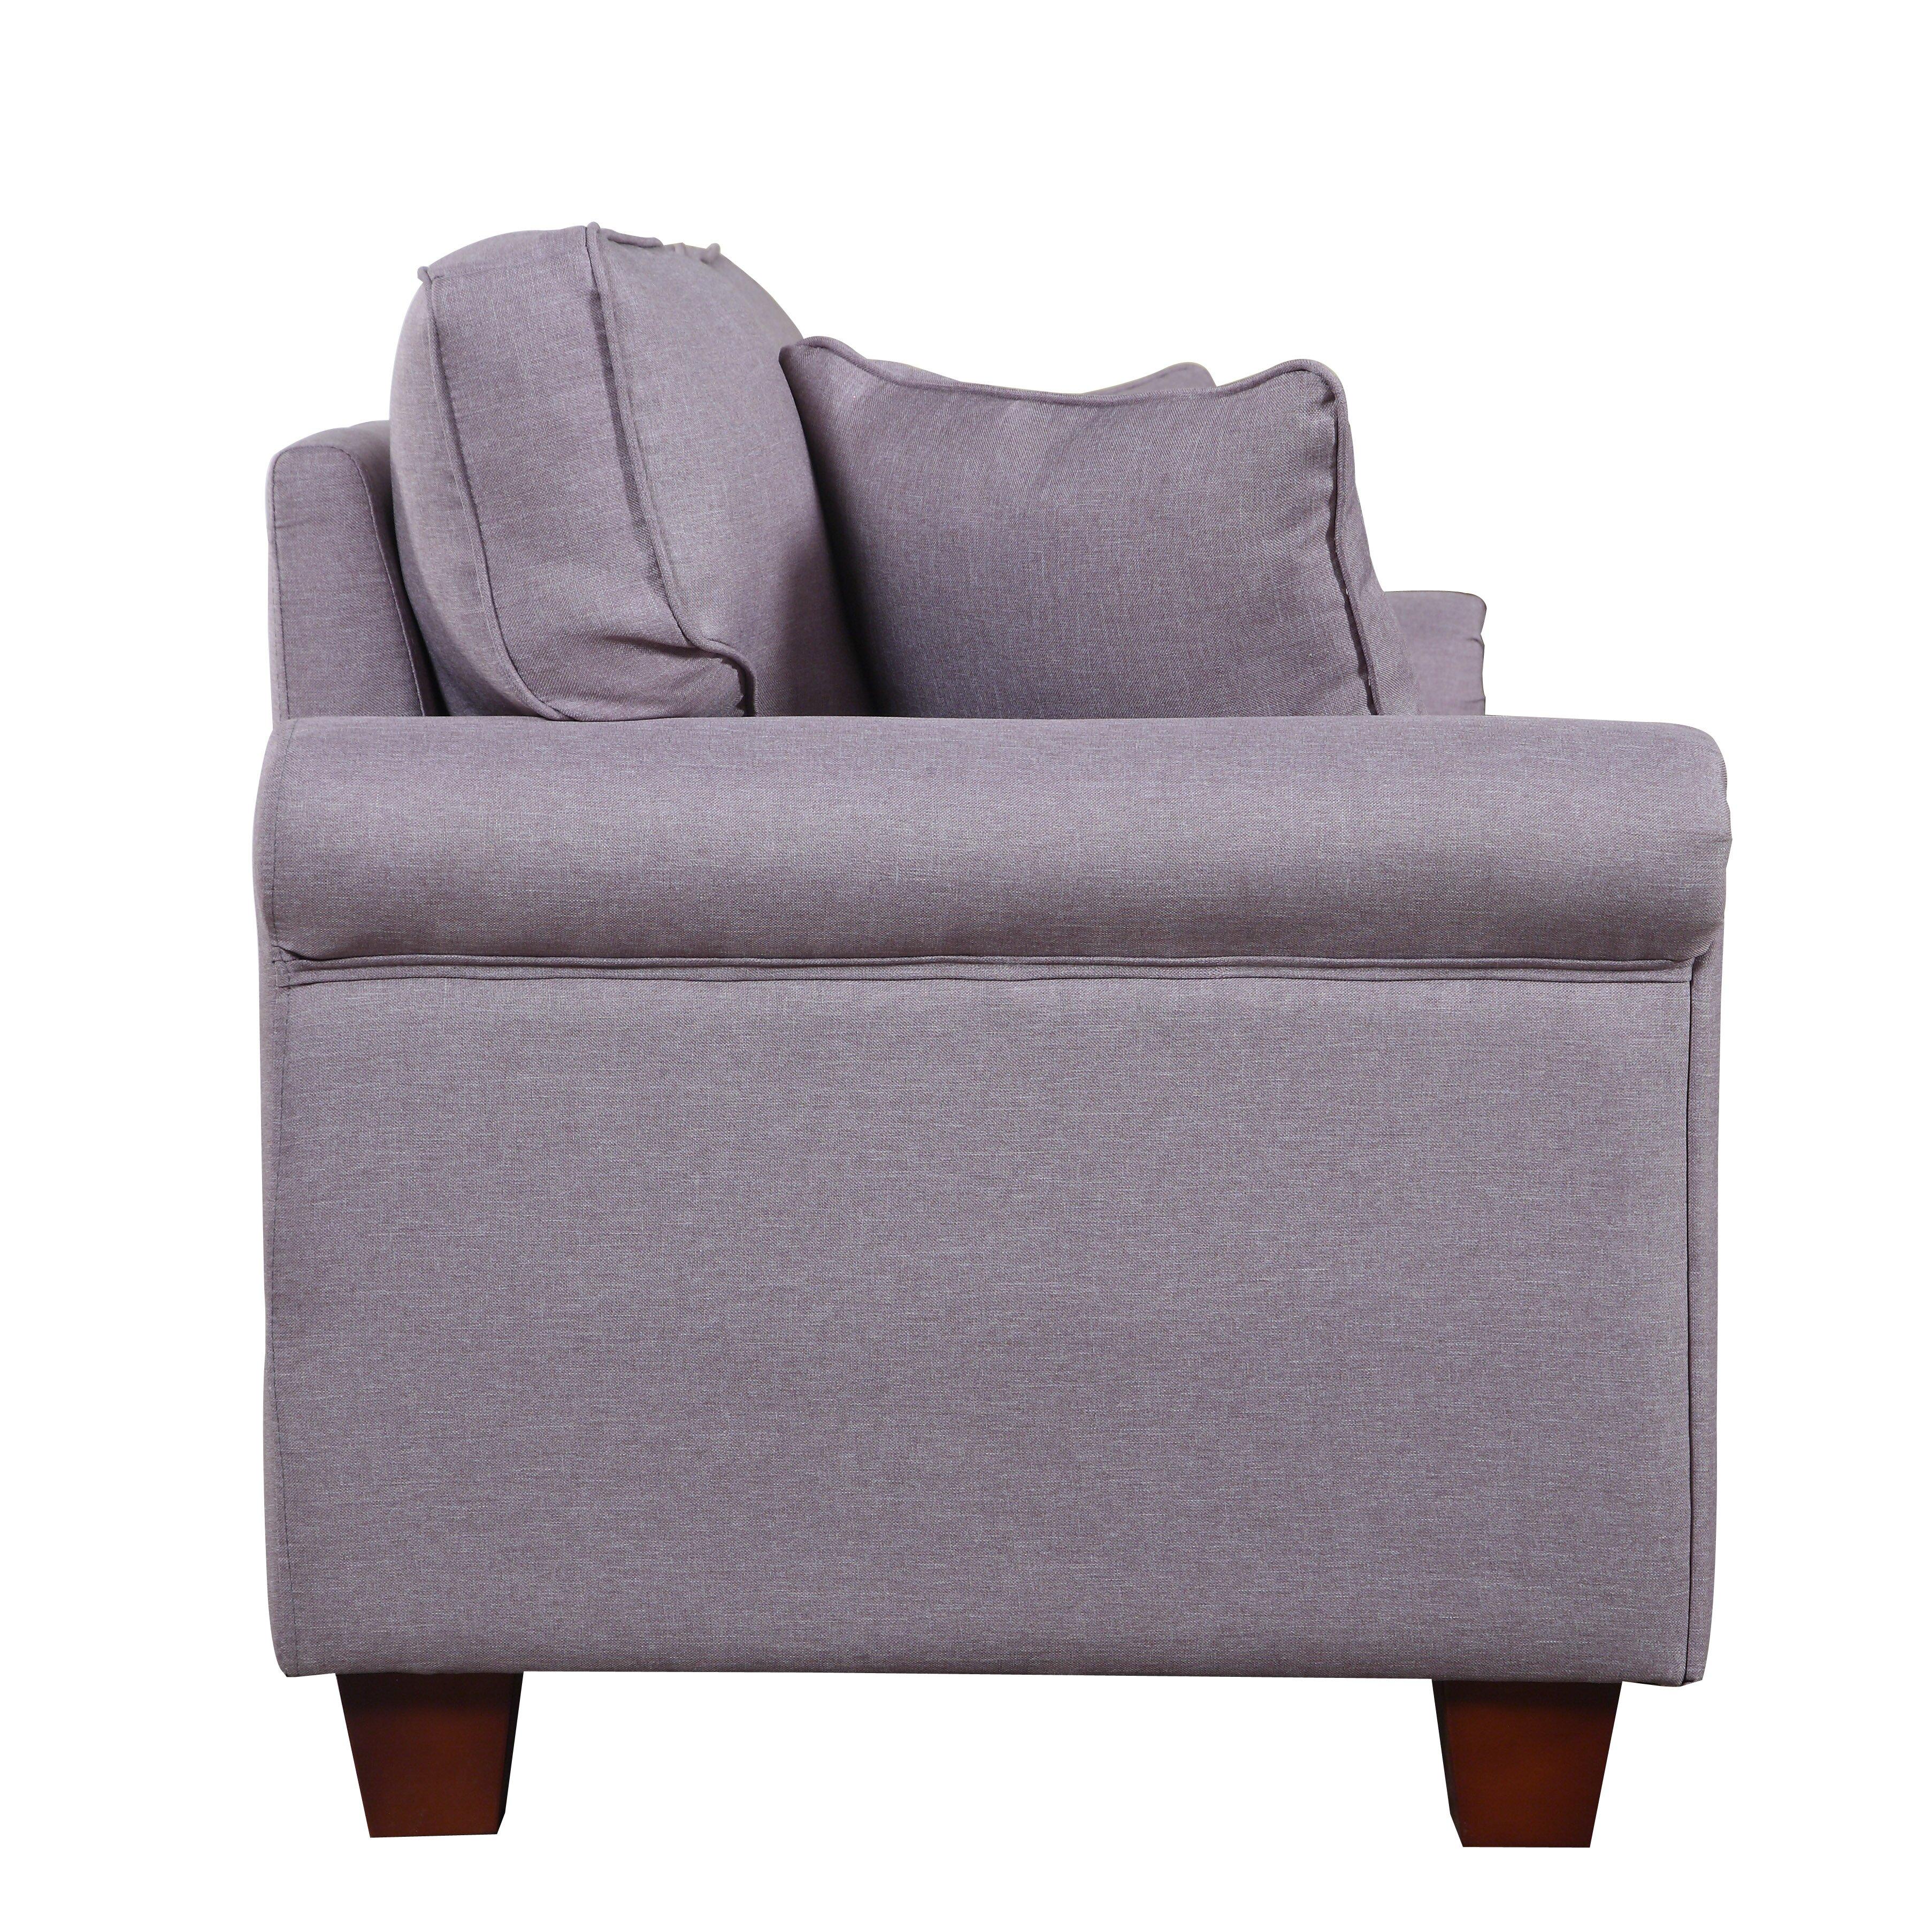 Linen Fabric Sofa Reviews